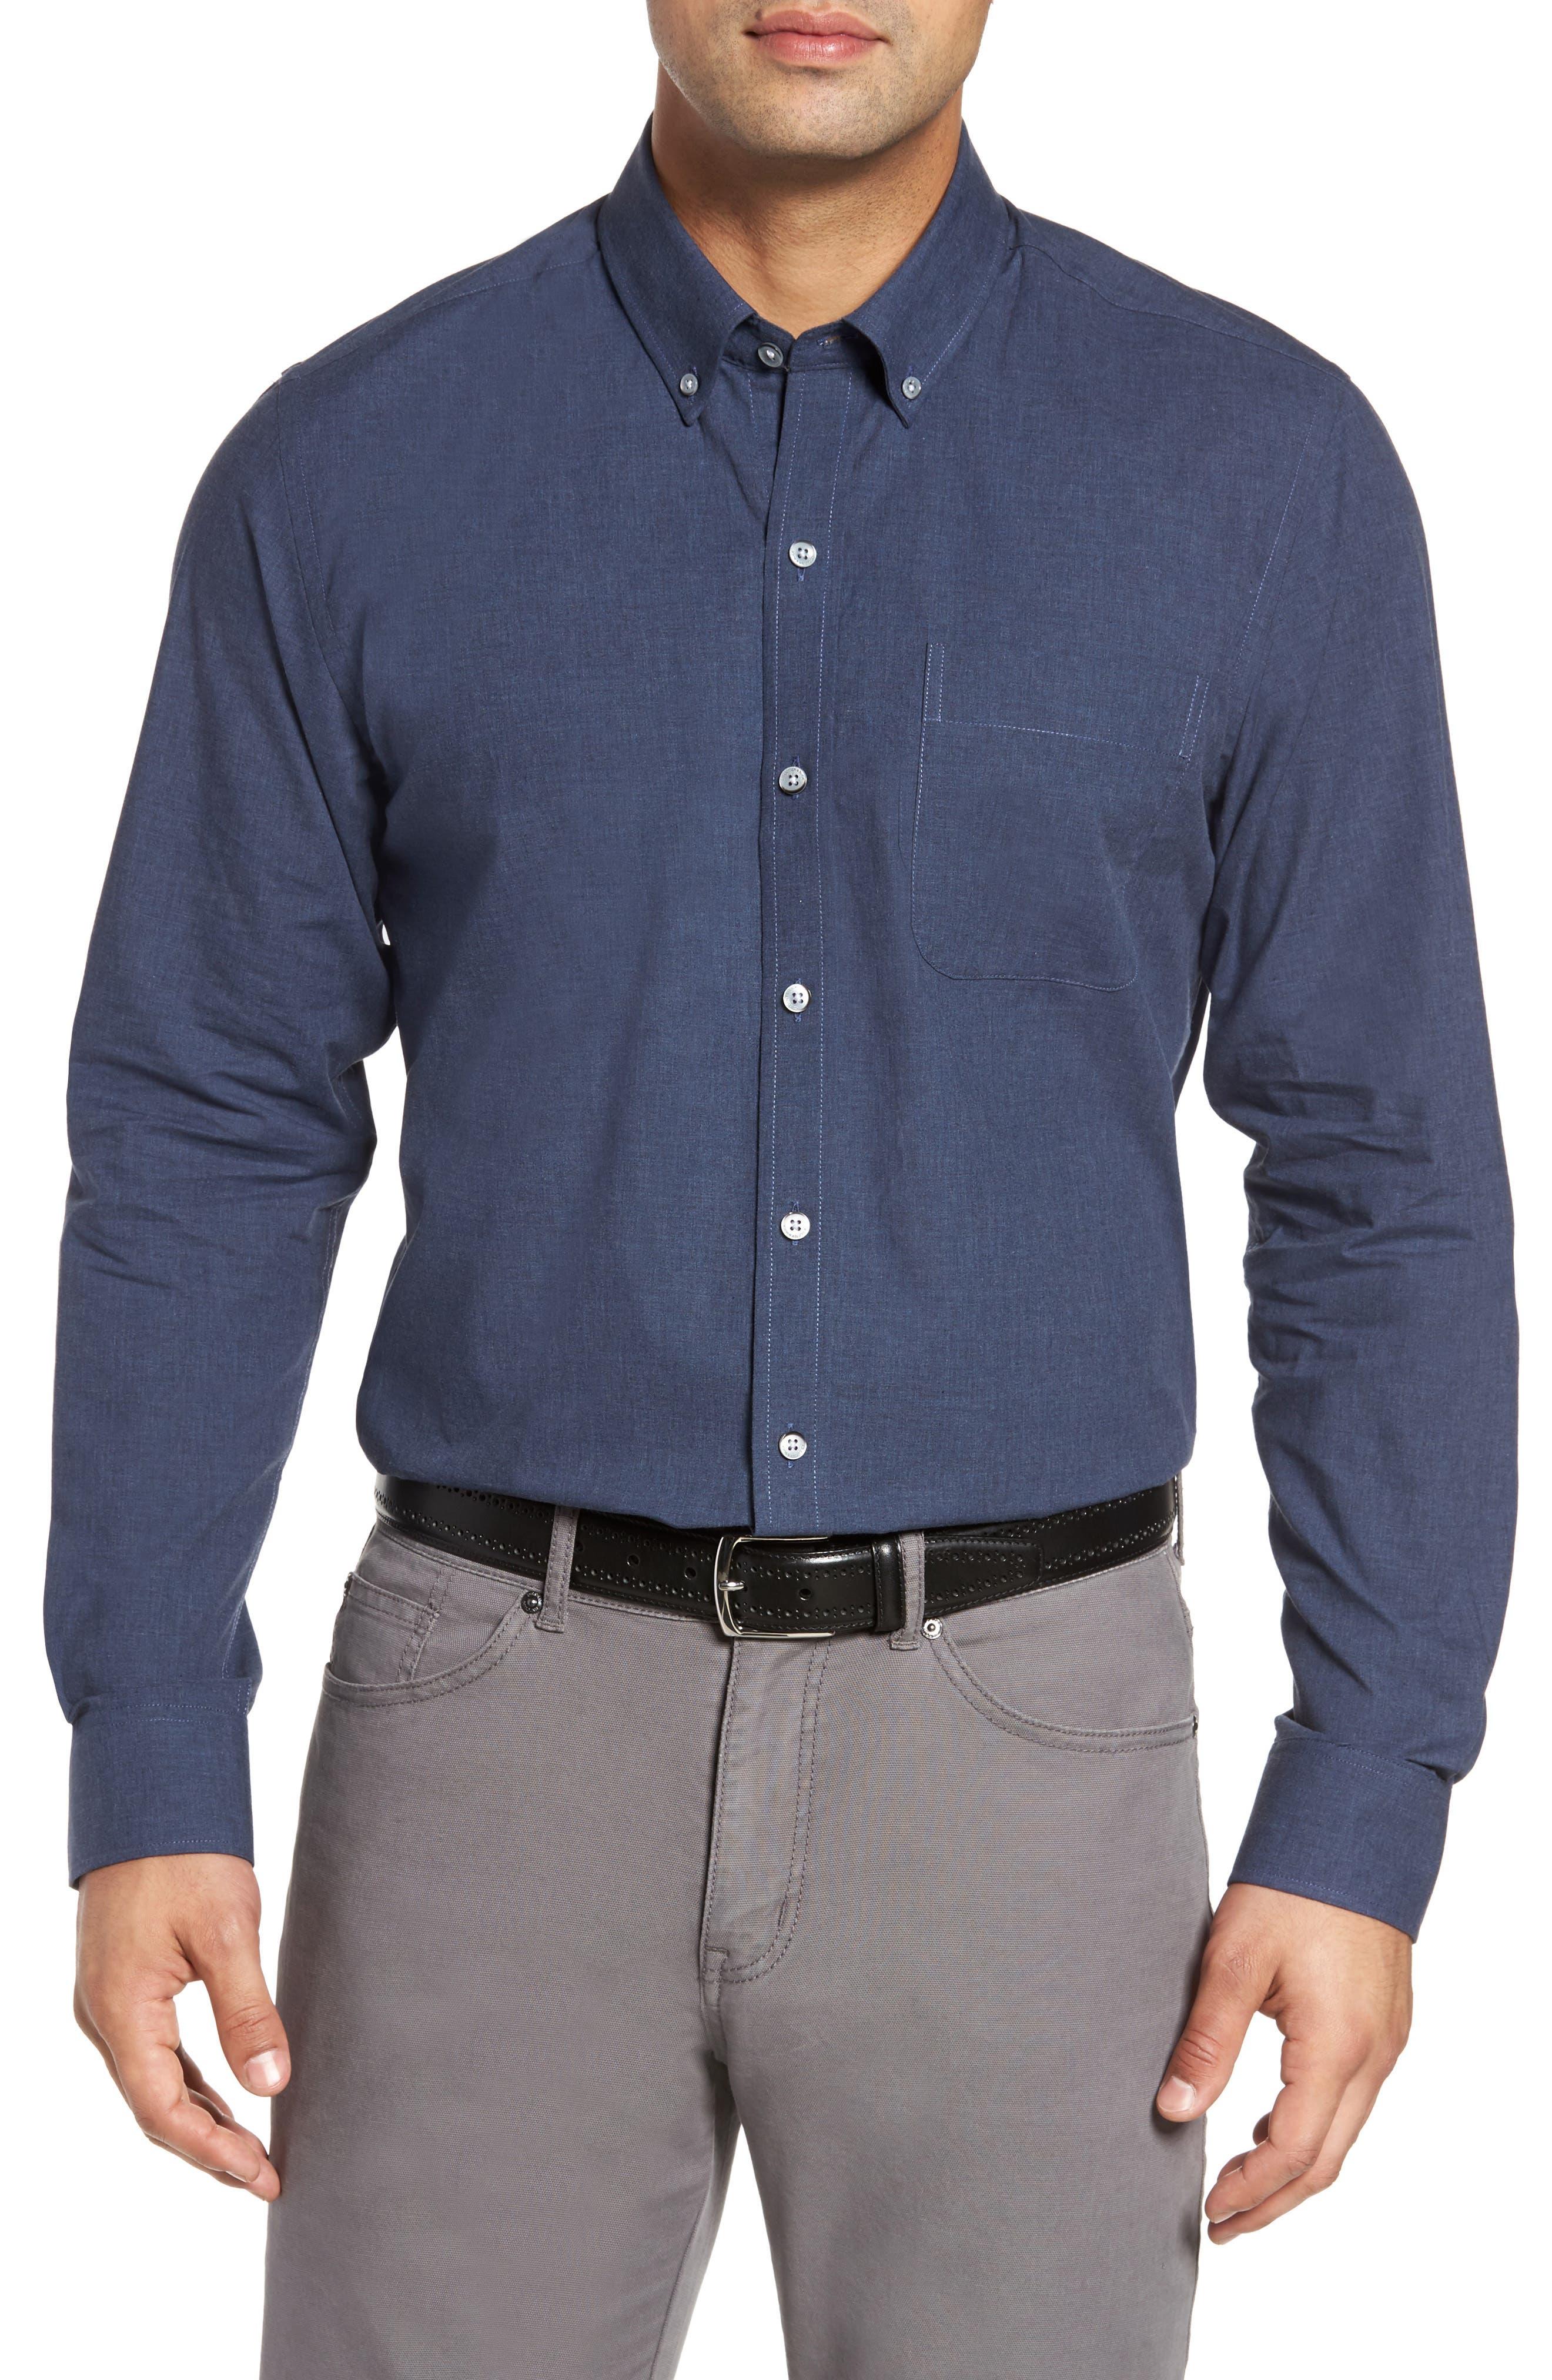 Cutter & Buck Heather Non-Iron Sport Shirt, Blue